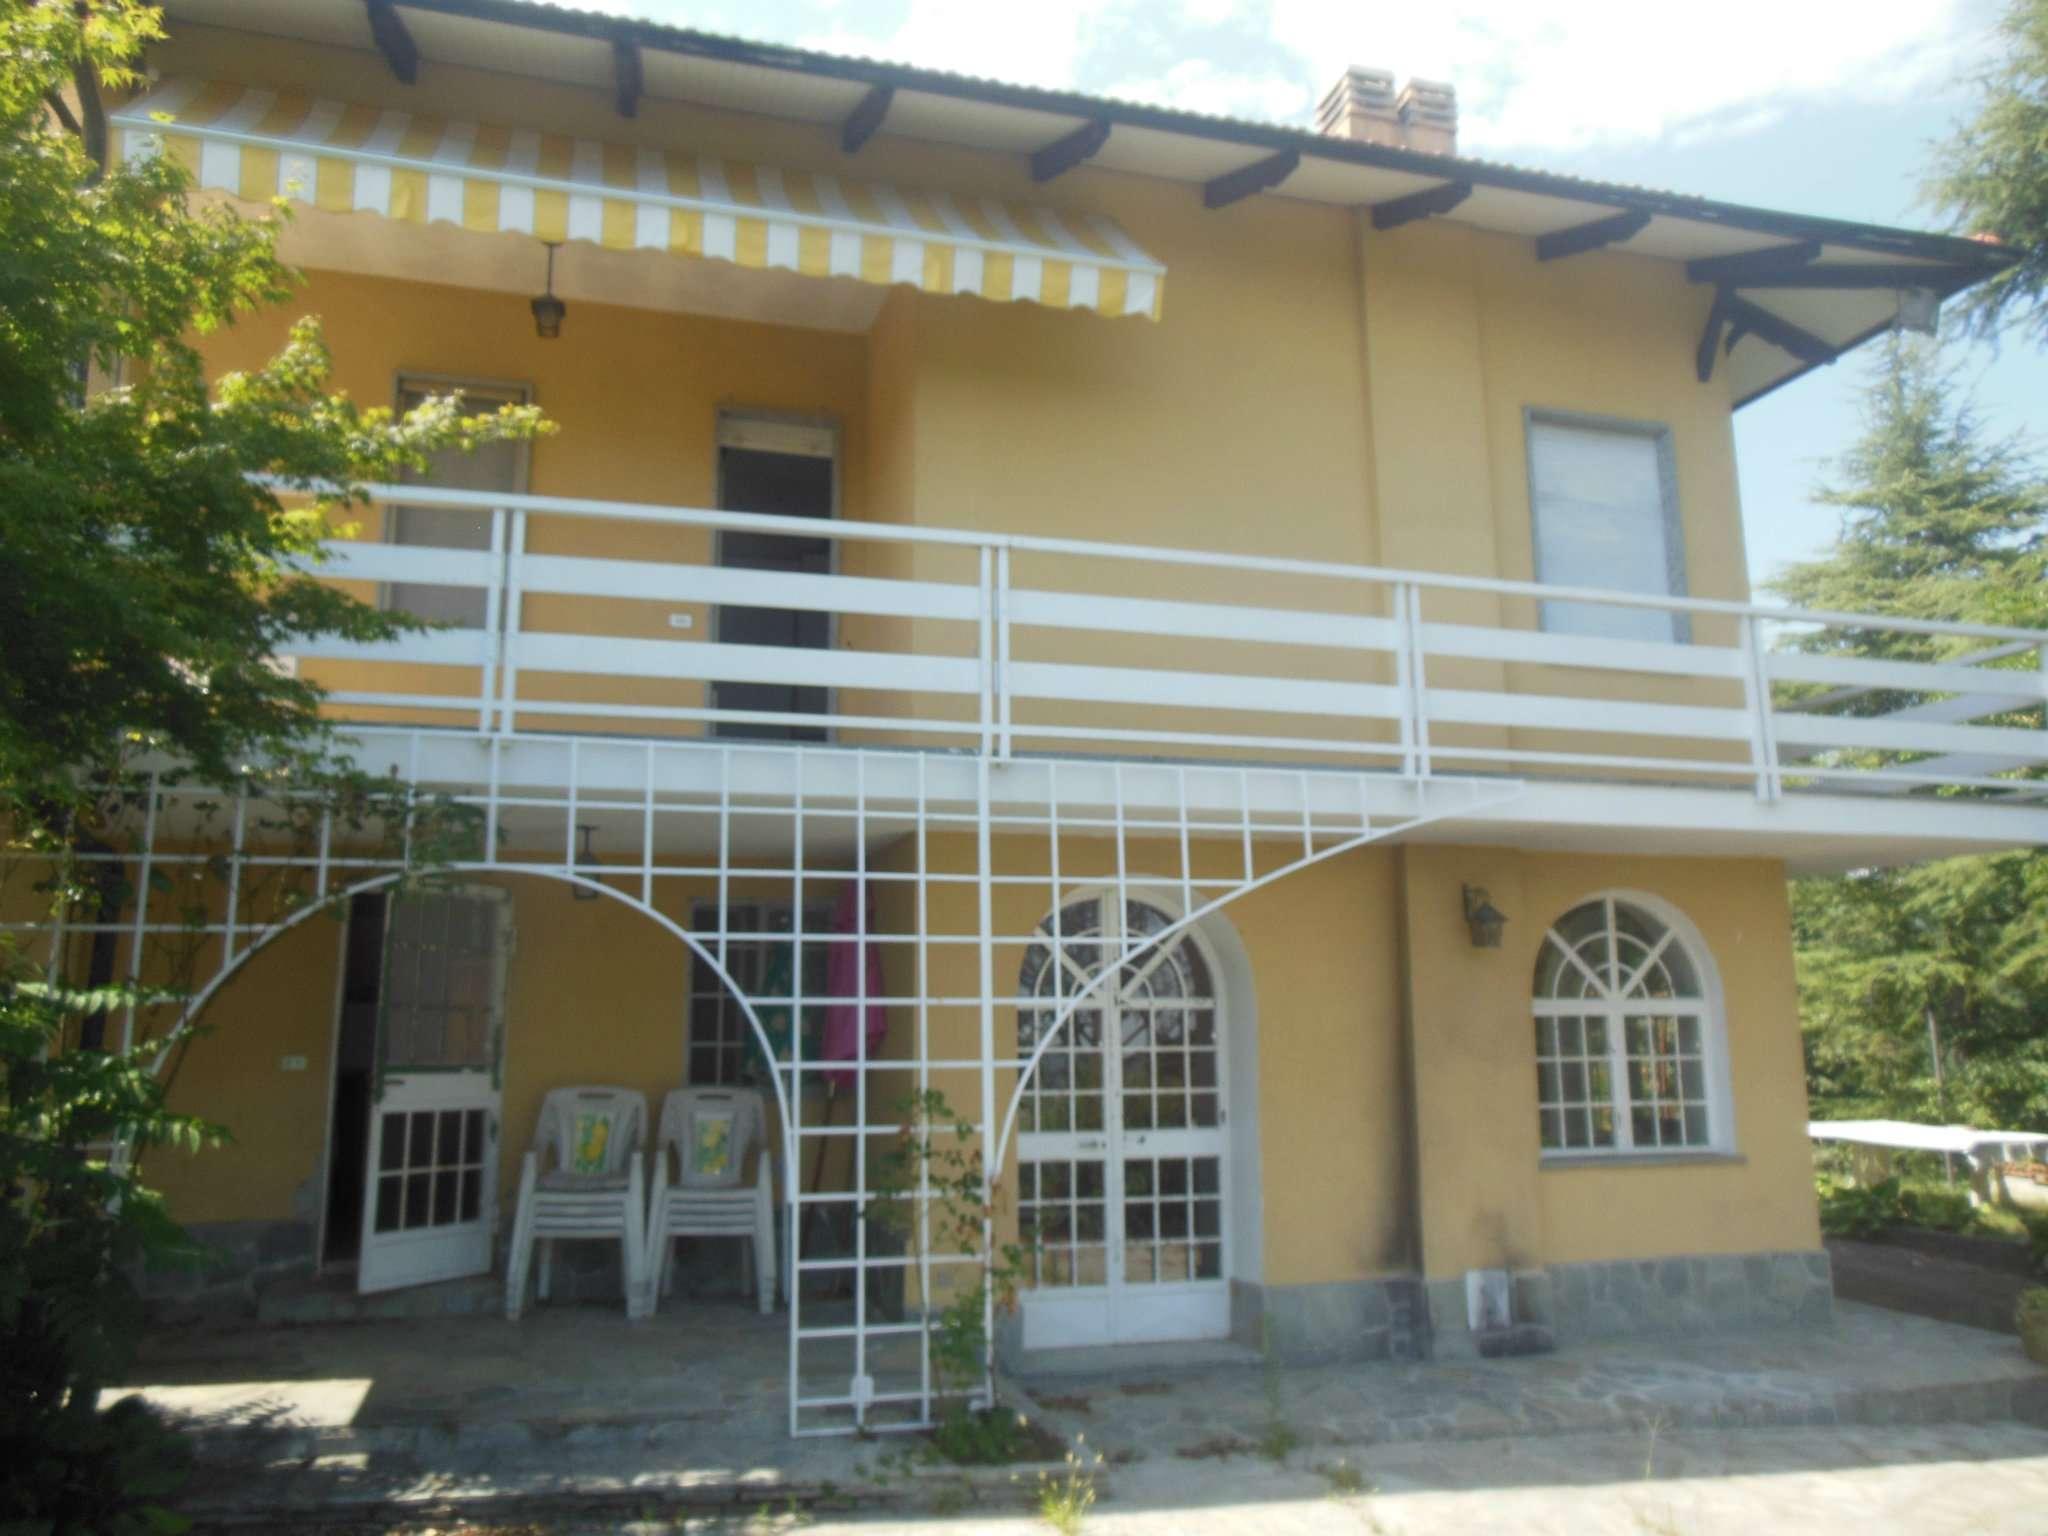 Soluzione Indipendente in vendita a Aramengo, 7 locali, prezzo € 195.000 | CambioCasa.it